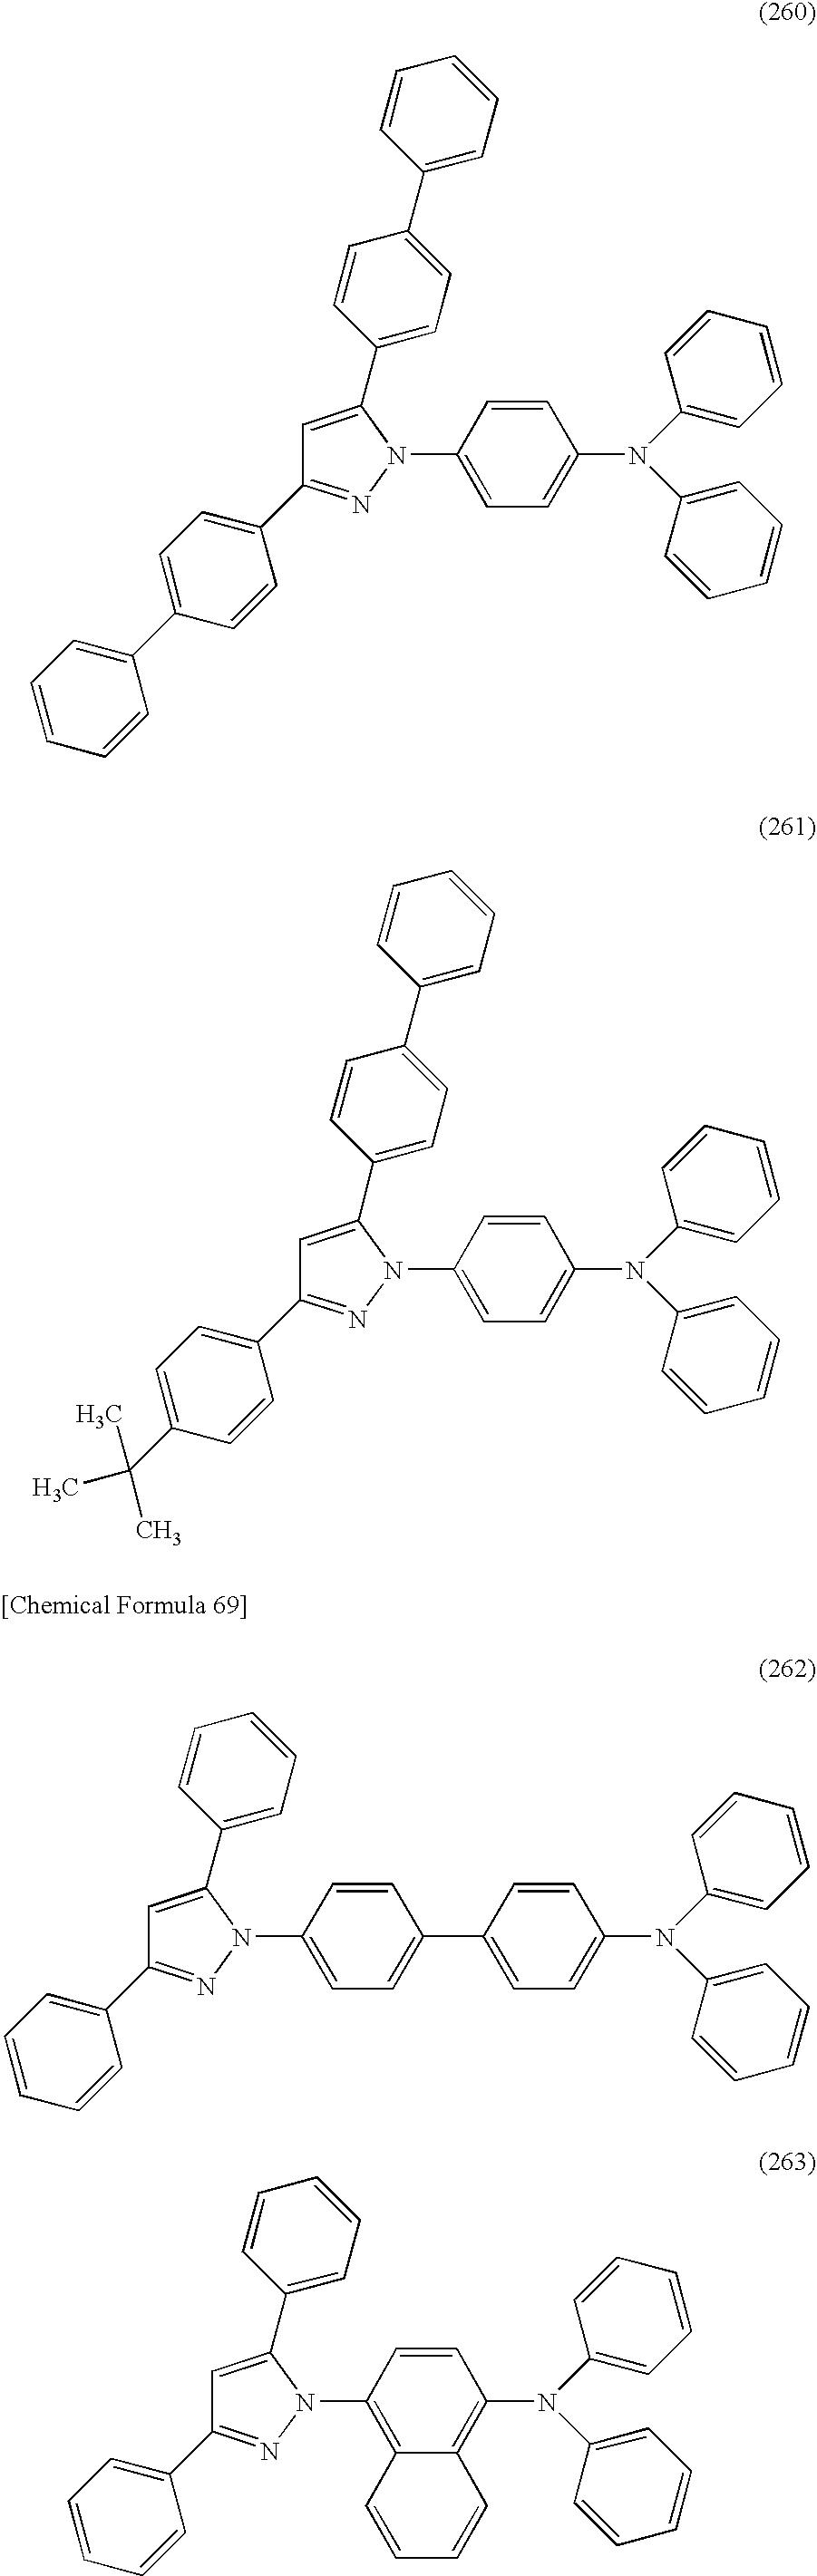 Figure US08551625-20131008-C00086